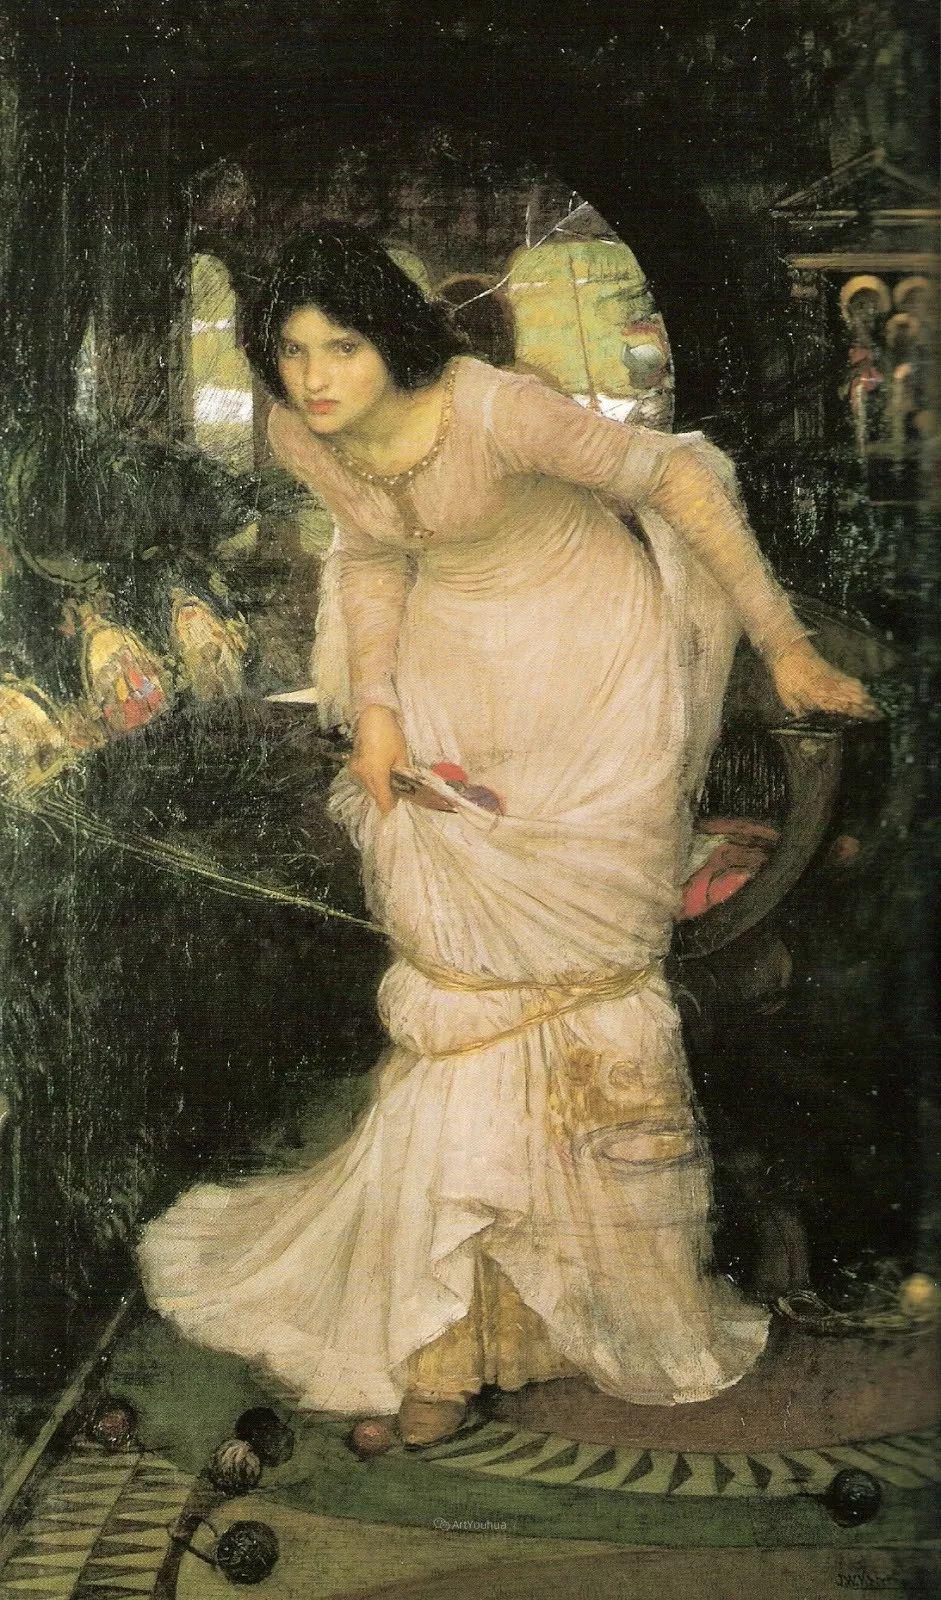 美若天仙的唯美诗性 ,英国皇家美术学院院士约翰·威廉姆·沃特豪斯插图13